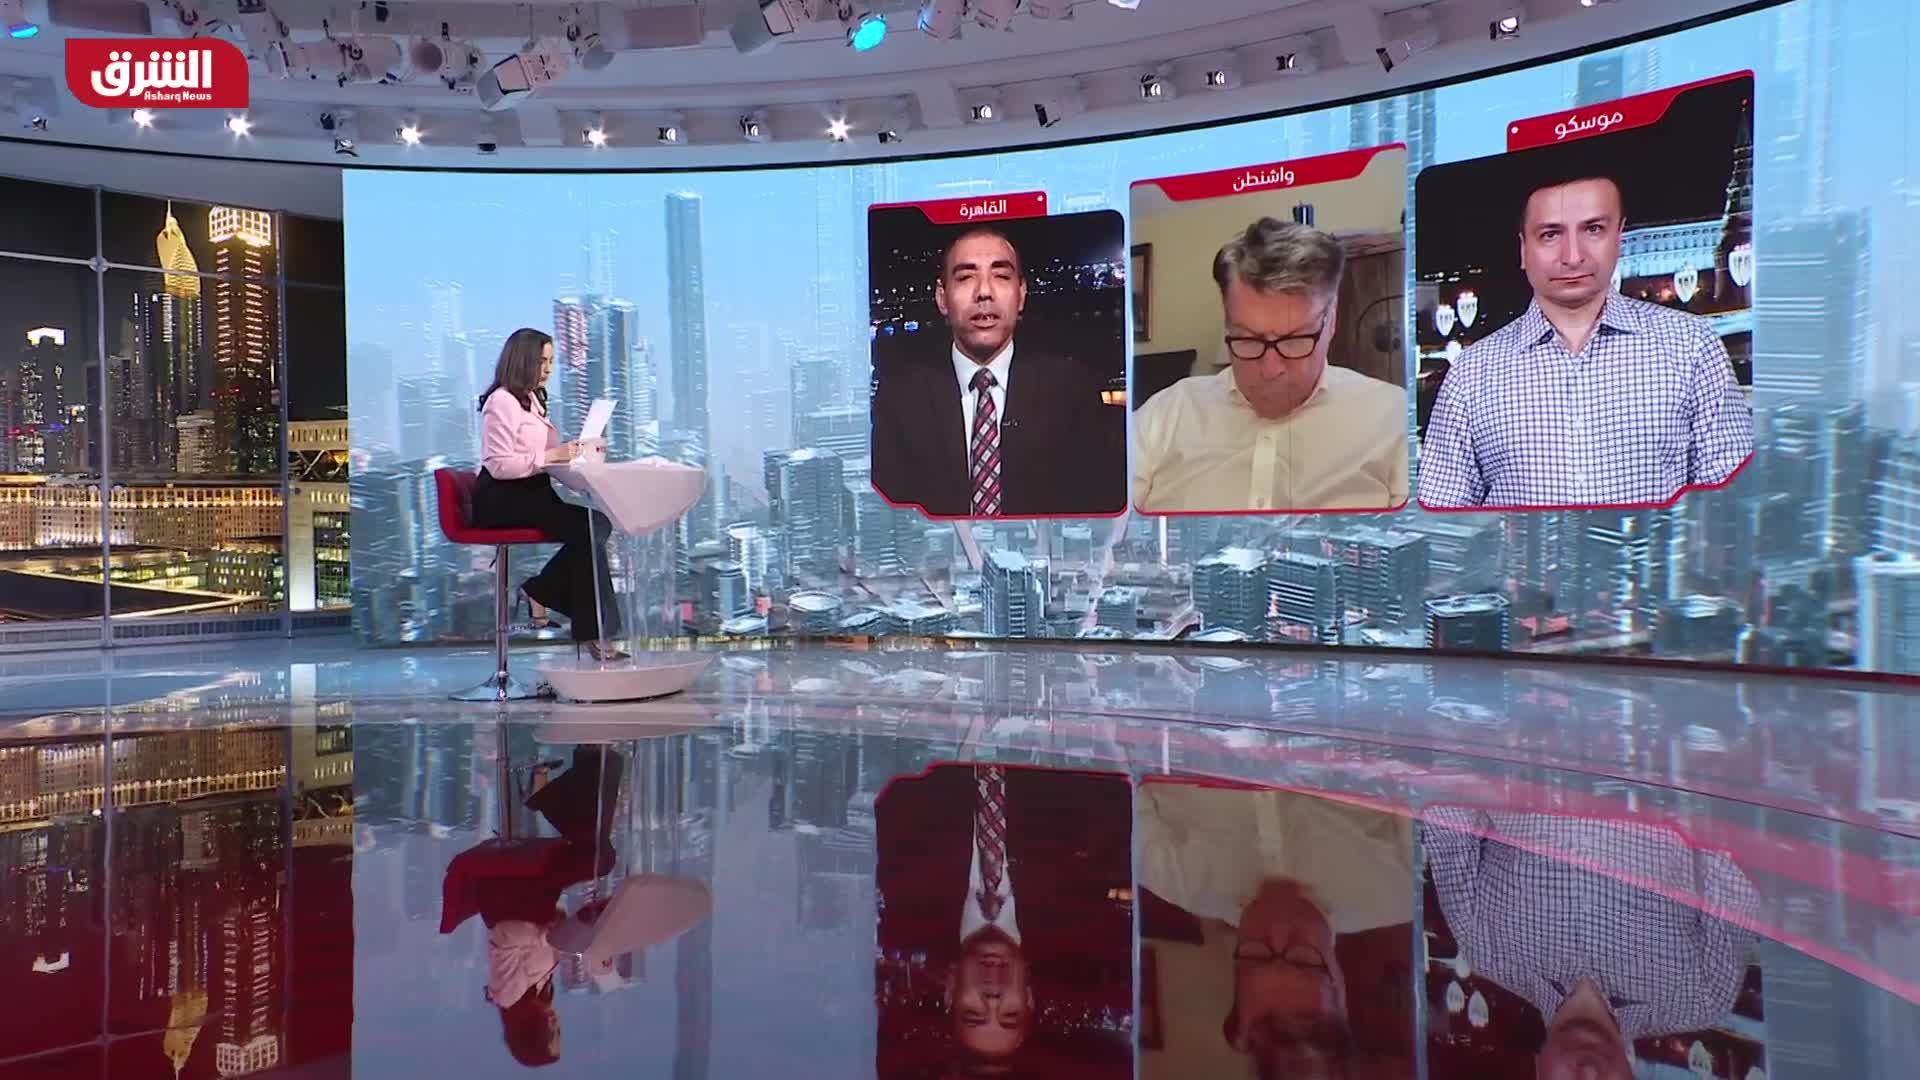 ملفا ليبيا وسد النهضة على طاولة ملجس الأمن